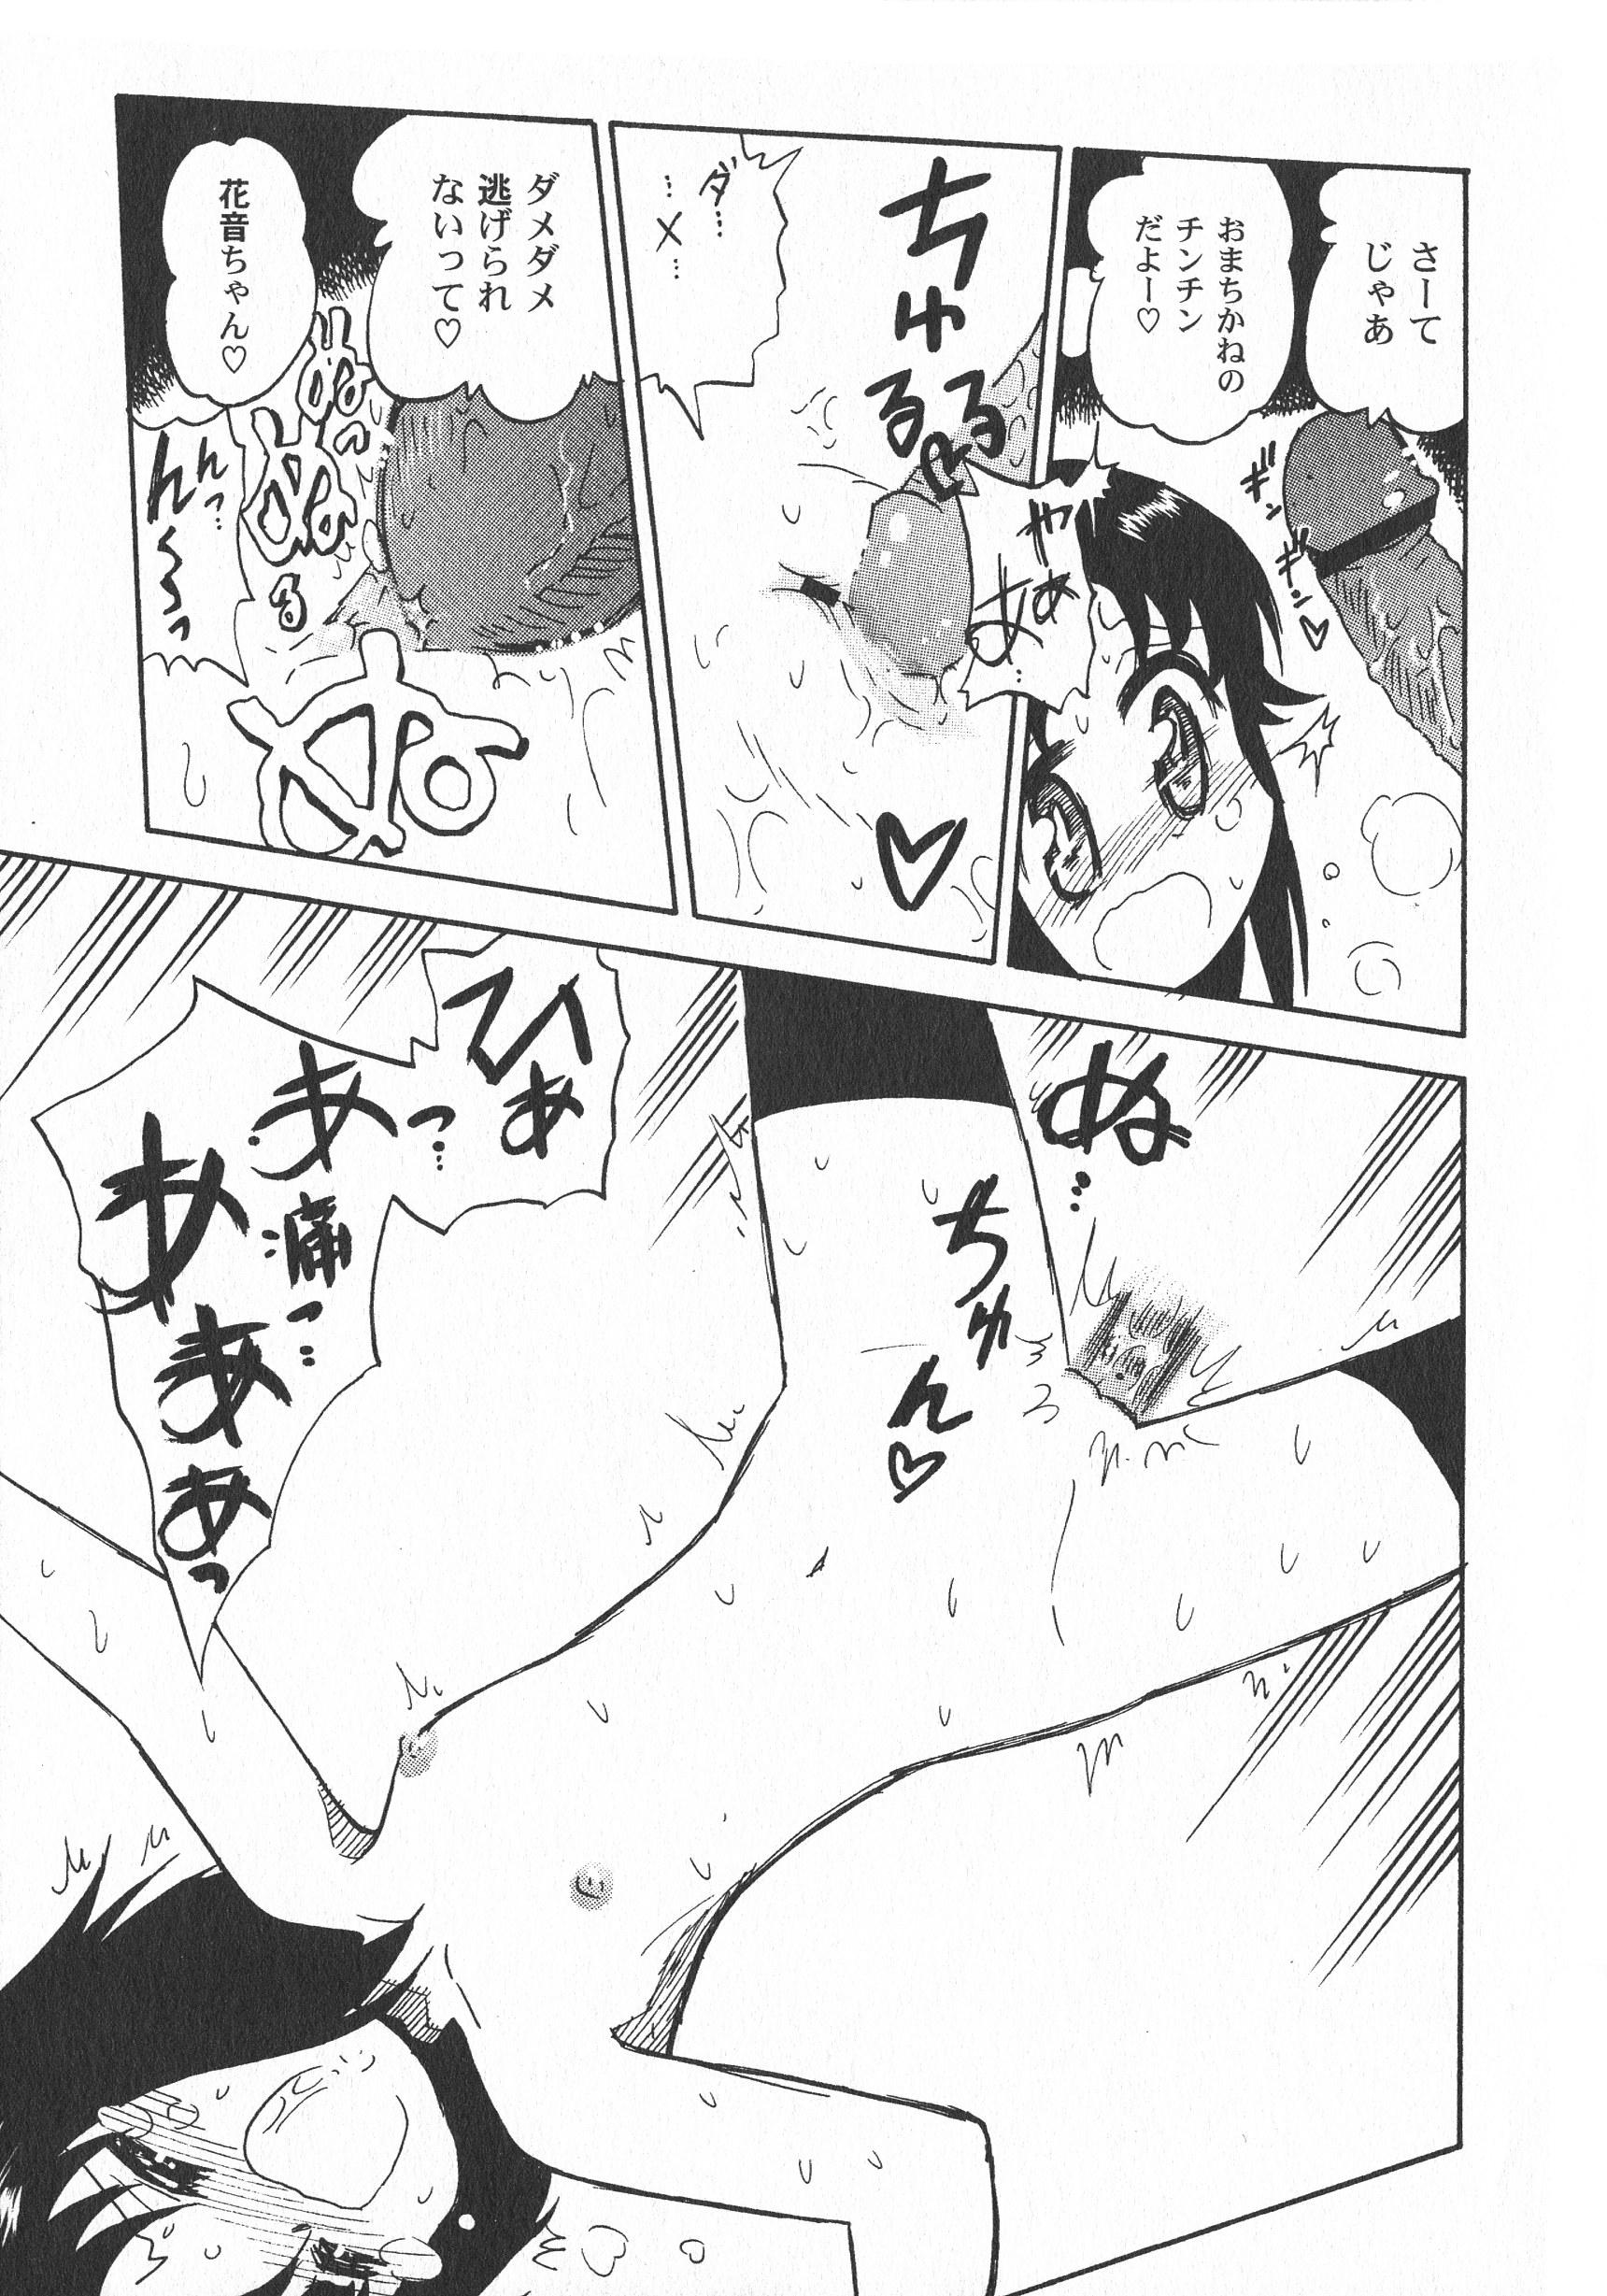 【JSエロ漫画】勉強のない国!?男に騙されたロリ少女が囲まれて輪姦レイプ!